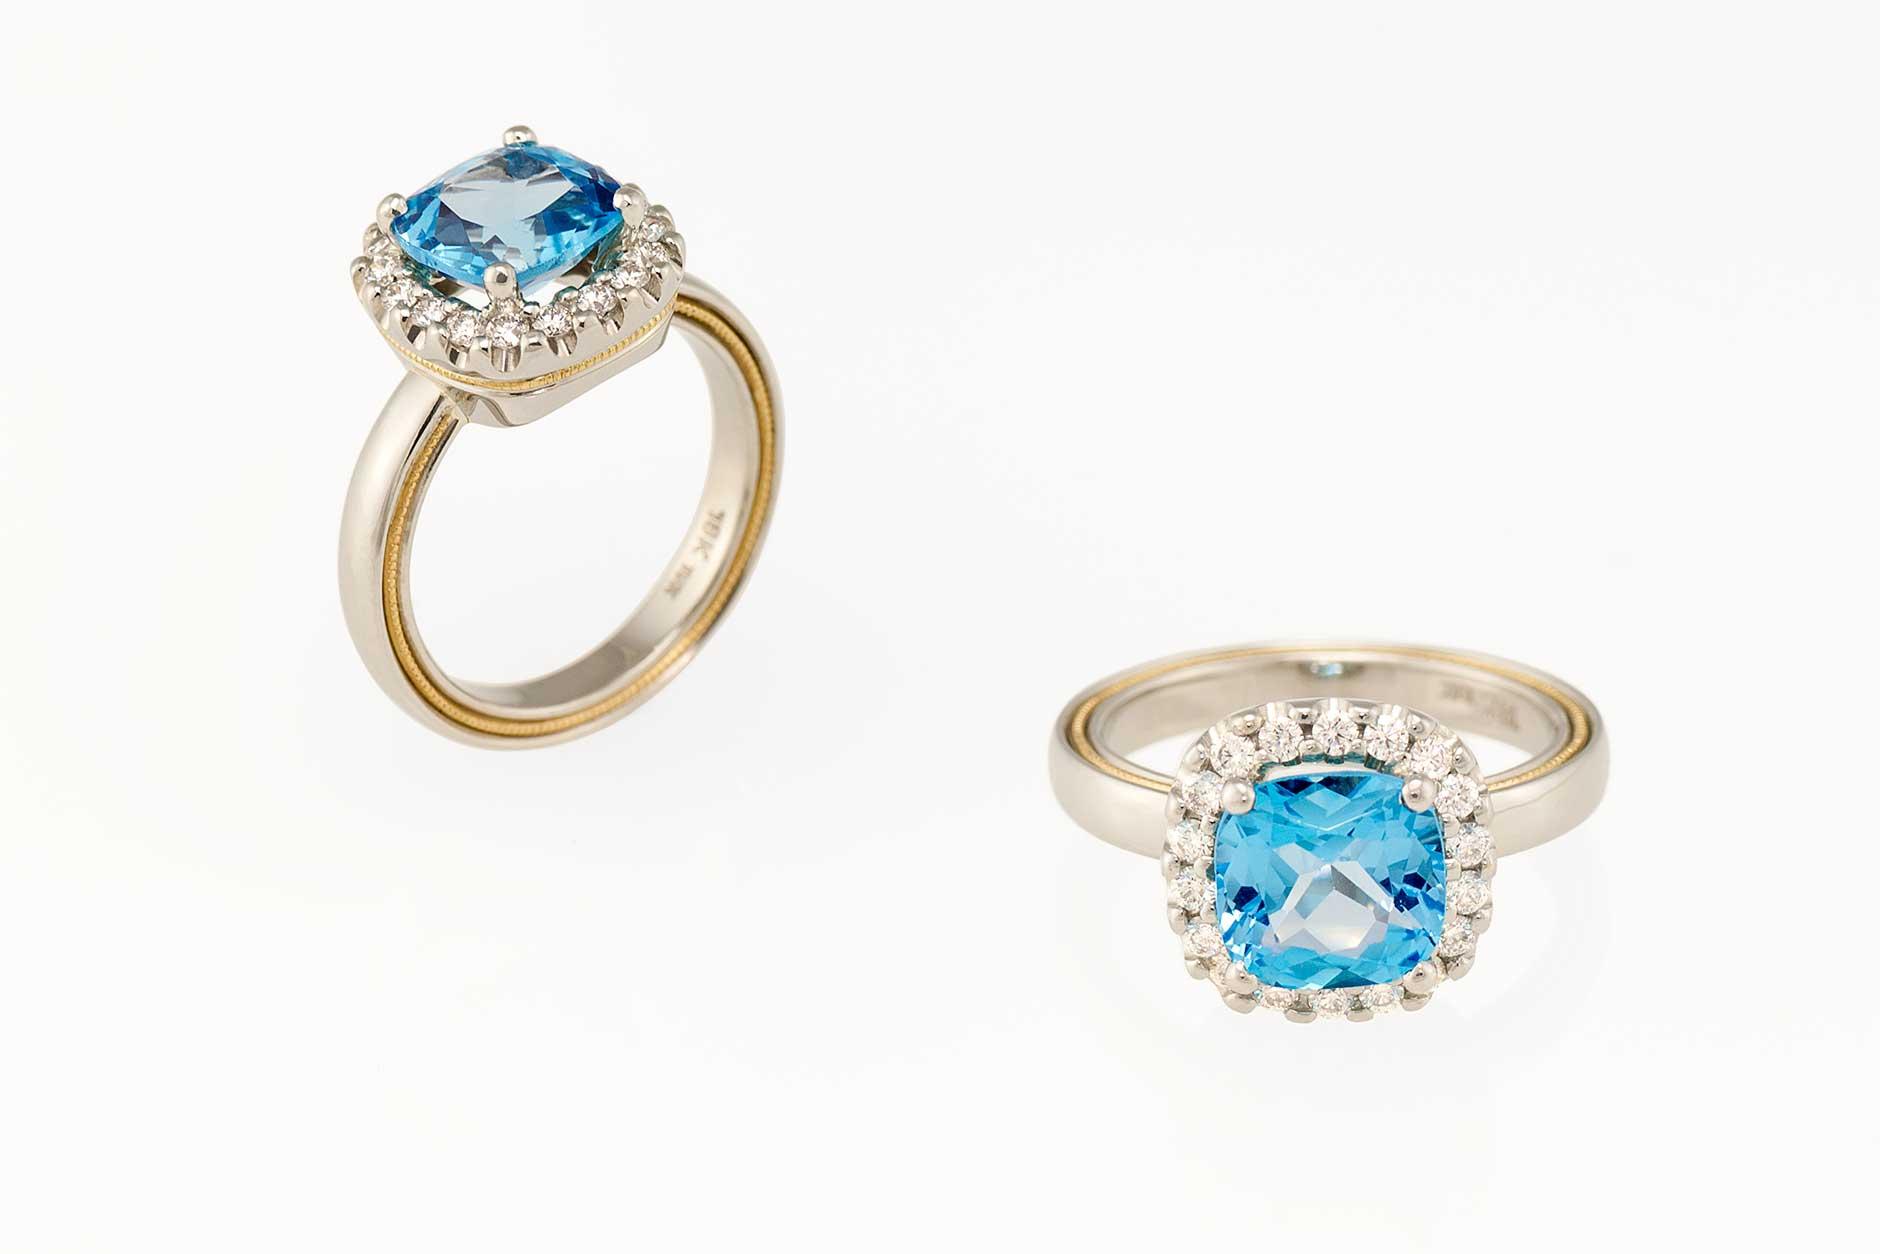 2 tone 18k & 19k white gold custom blue topaz halo ring - NÉWA Goldsmith